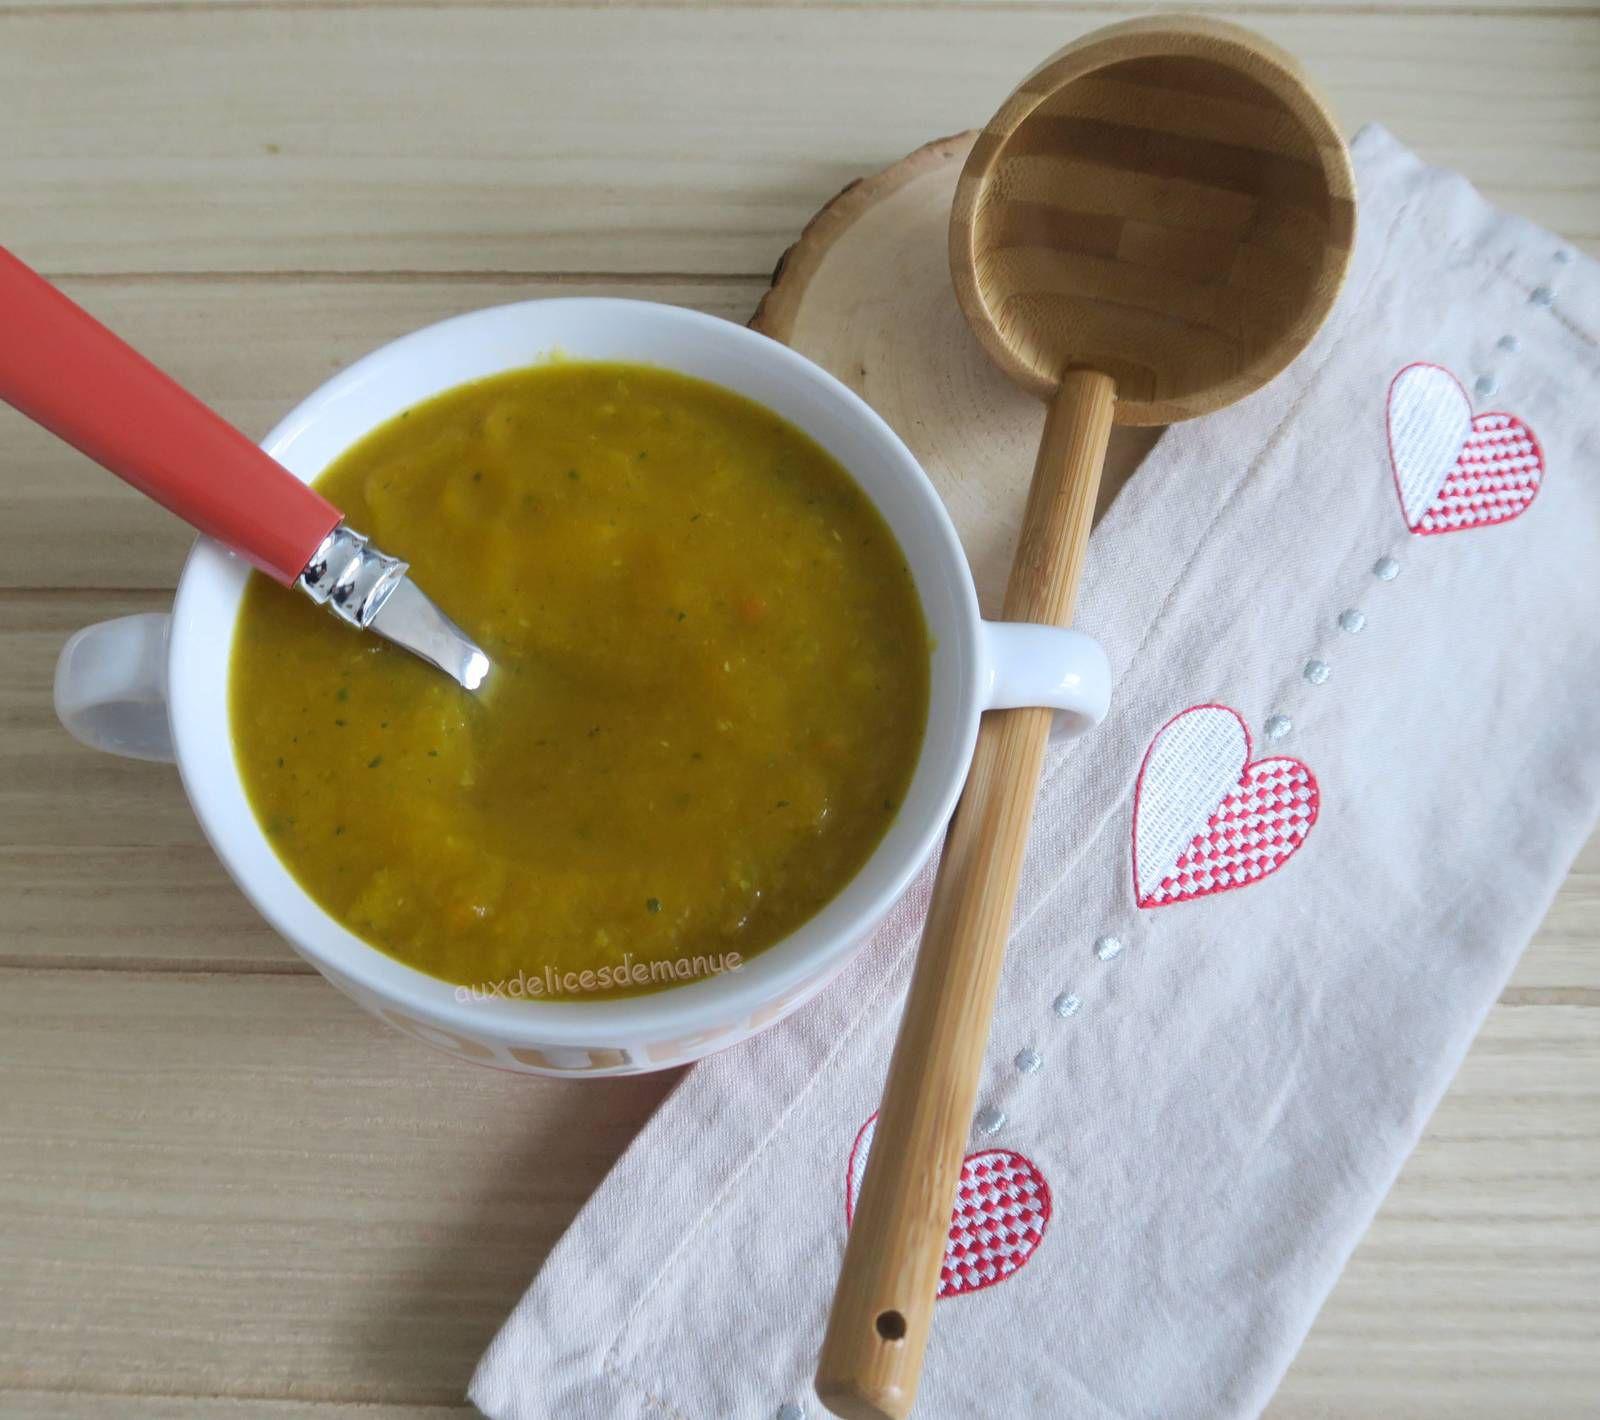 soupe,légumes,cookéo,poireau,courgette,potimarron